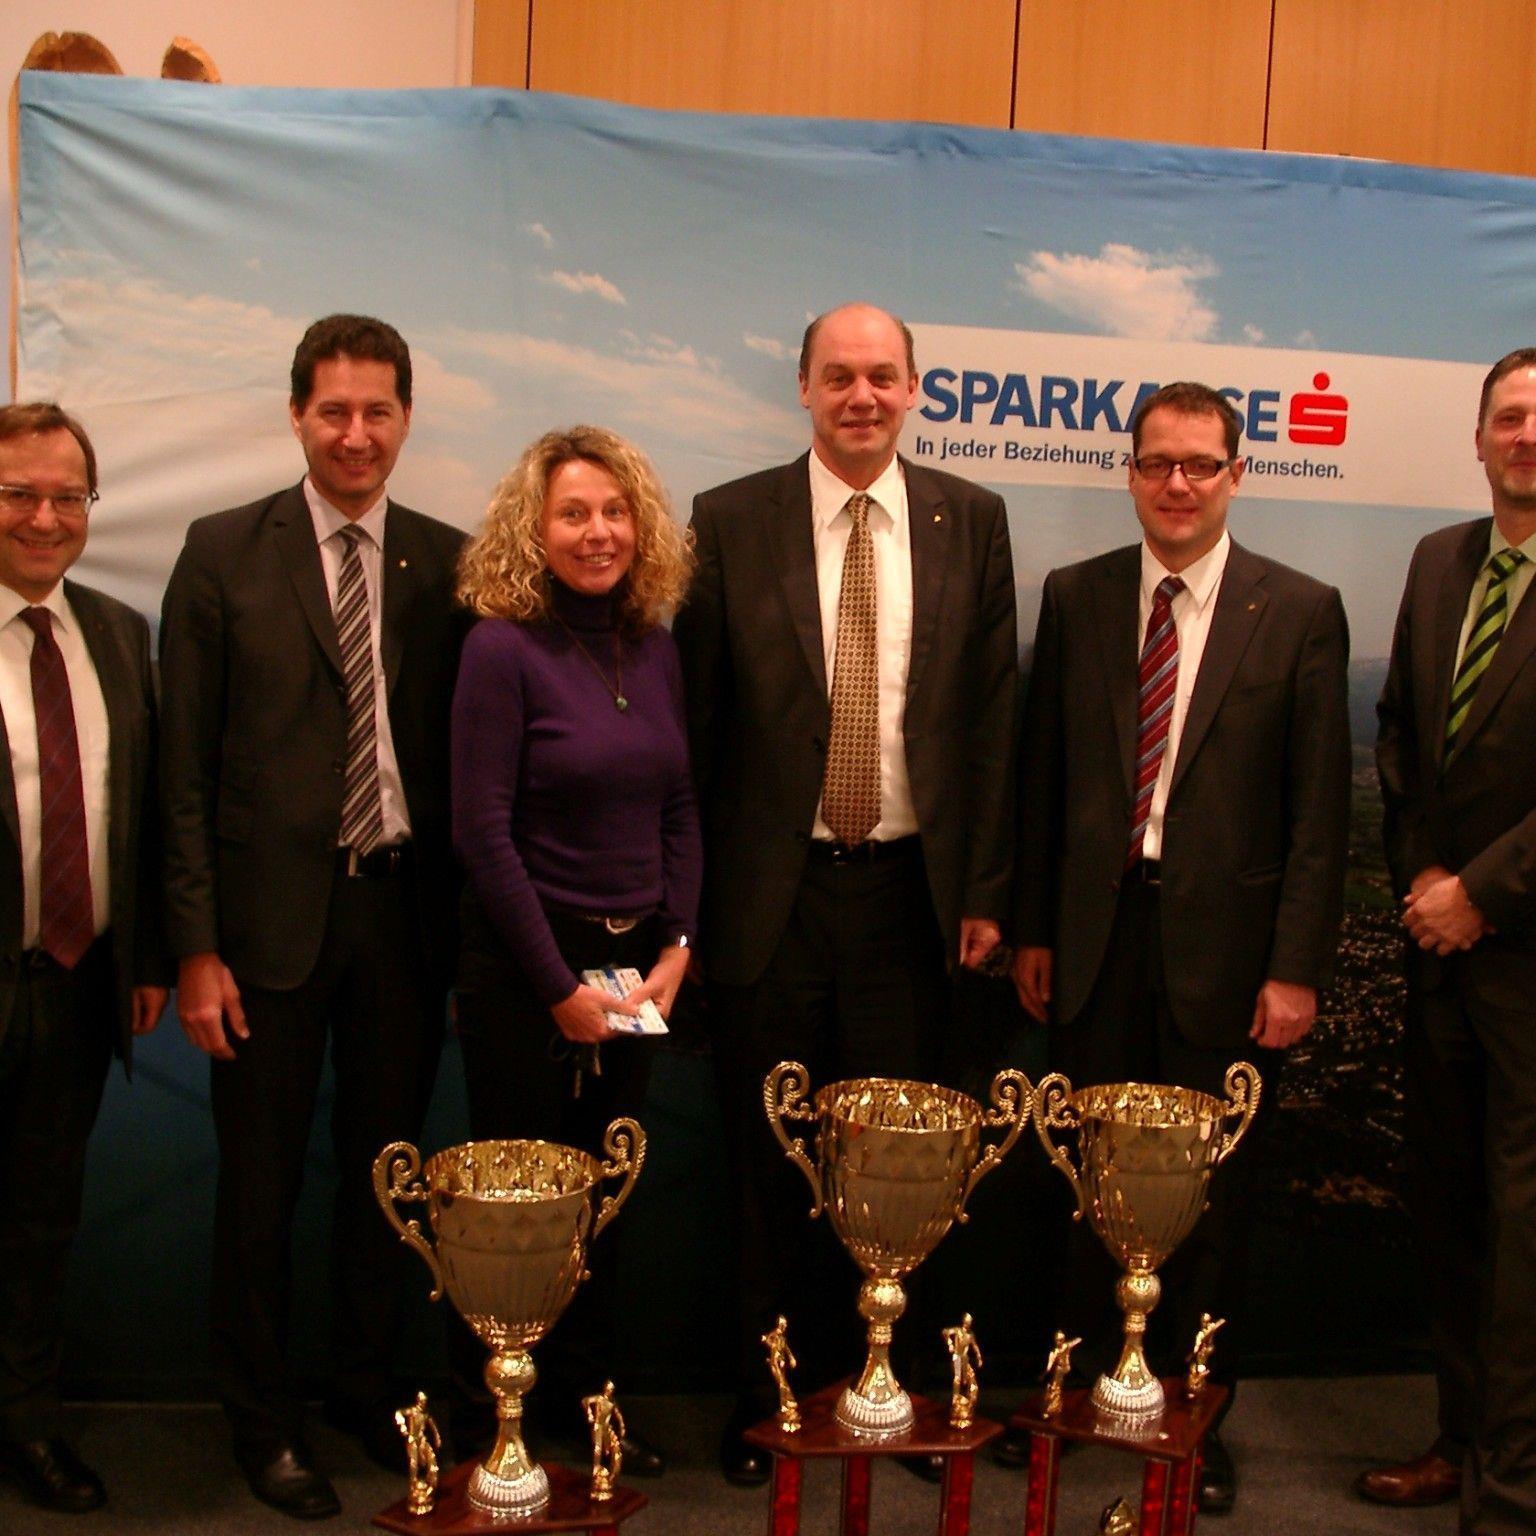 Zum 14. Mal sind die Vorarlberger Sparkassen der Hauptsponsor beim Wolfurter Hallenmasters.